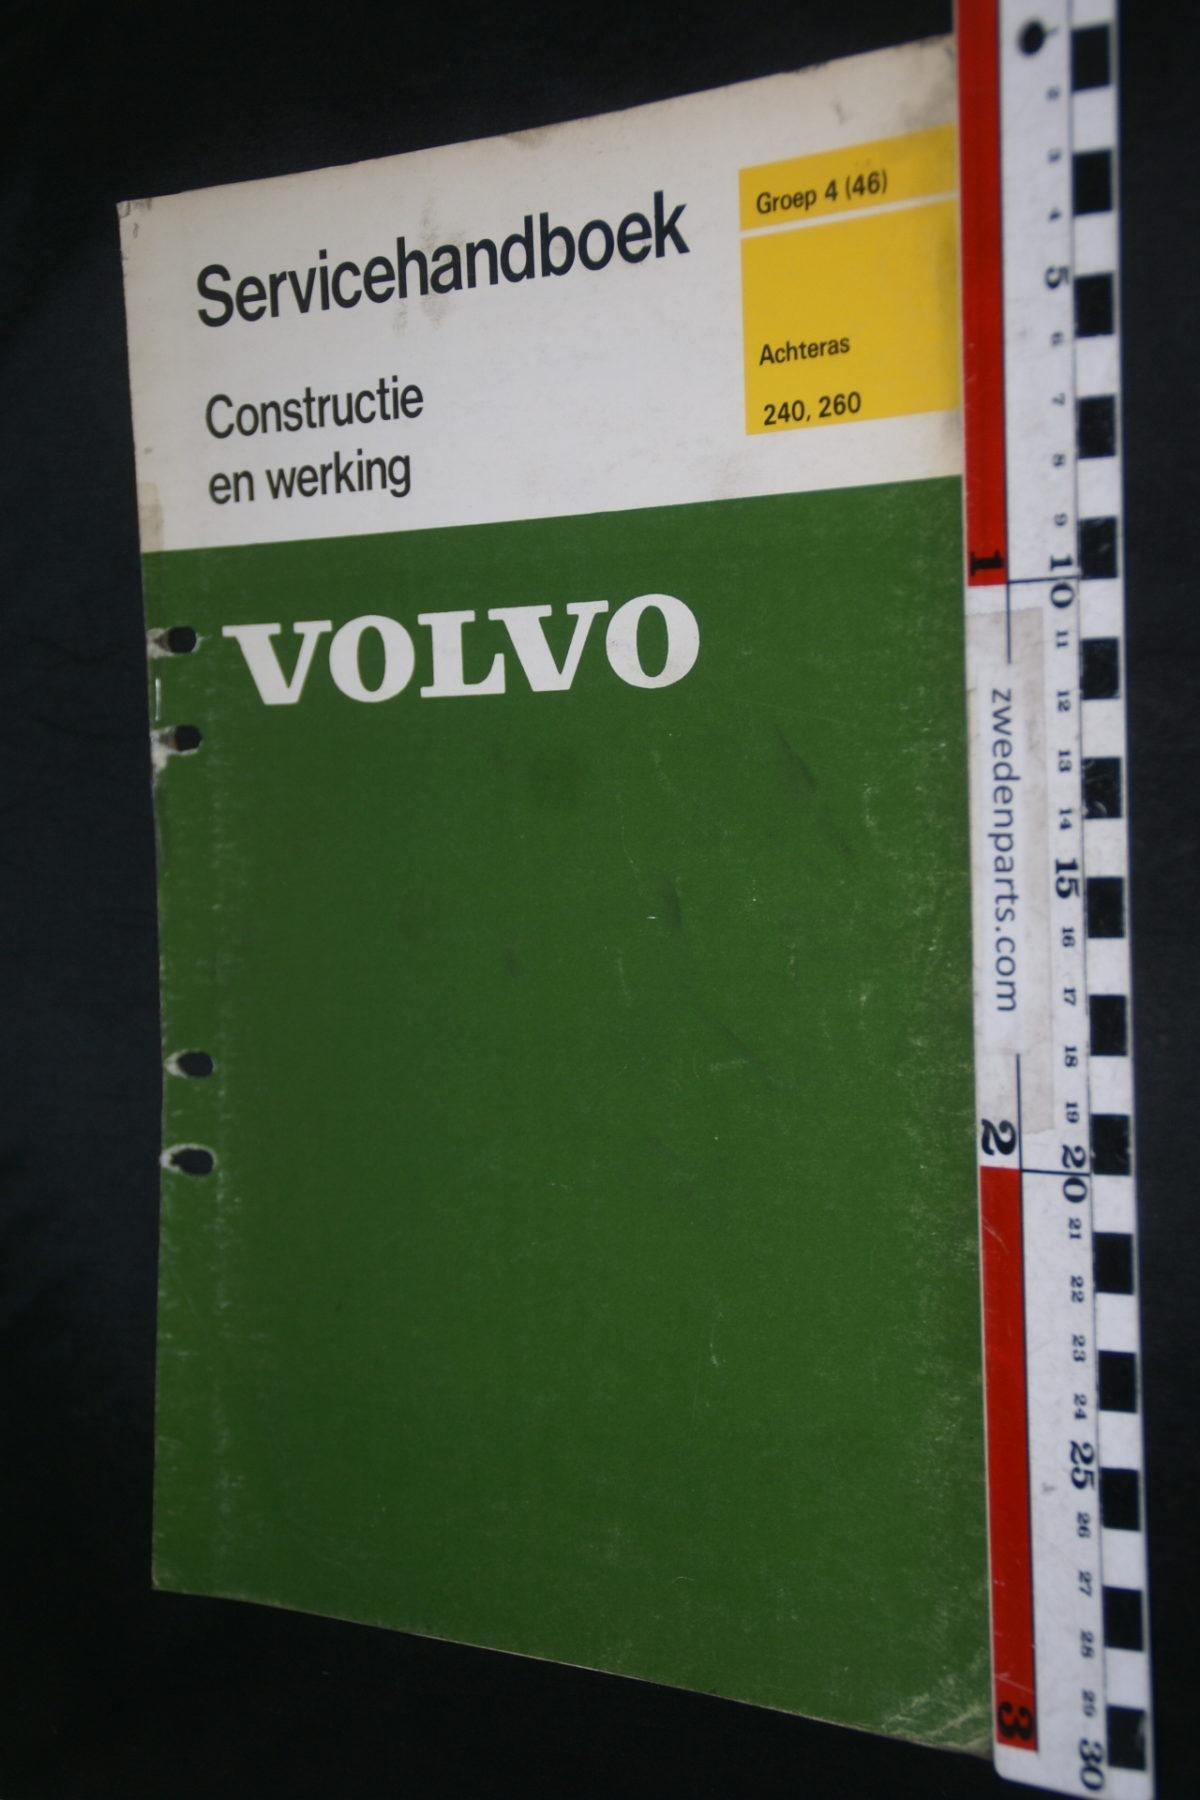 DSC08439 1976 origineel Volvo 240, 260 servicehandboek  4 (46) achteras 1 van 750 TP 11567-1